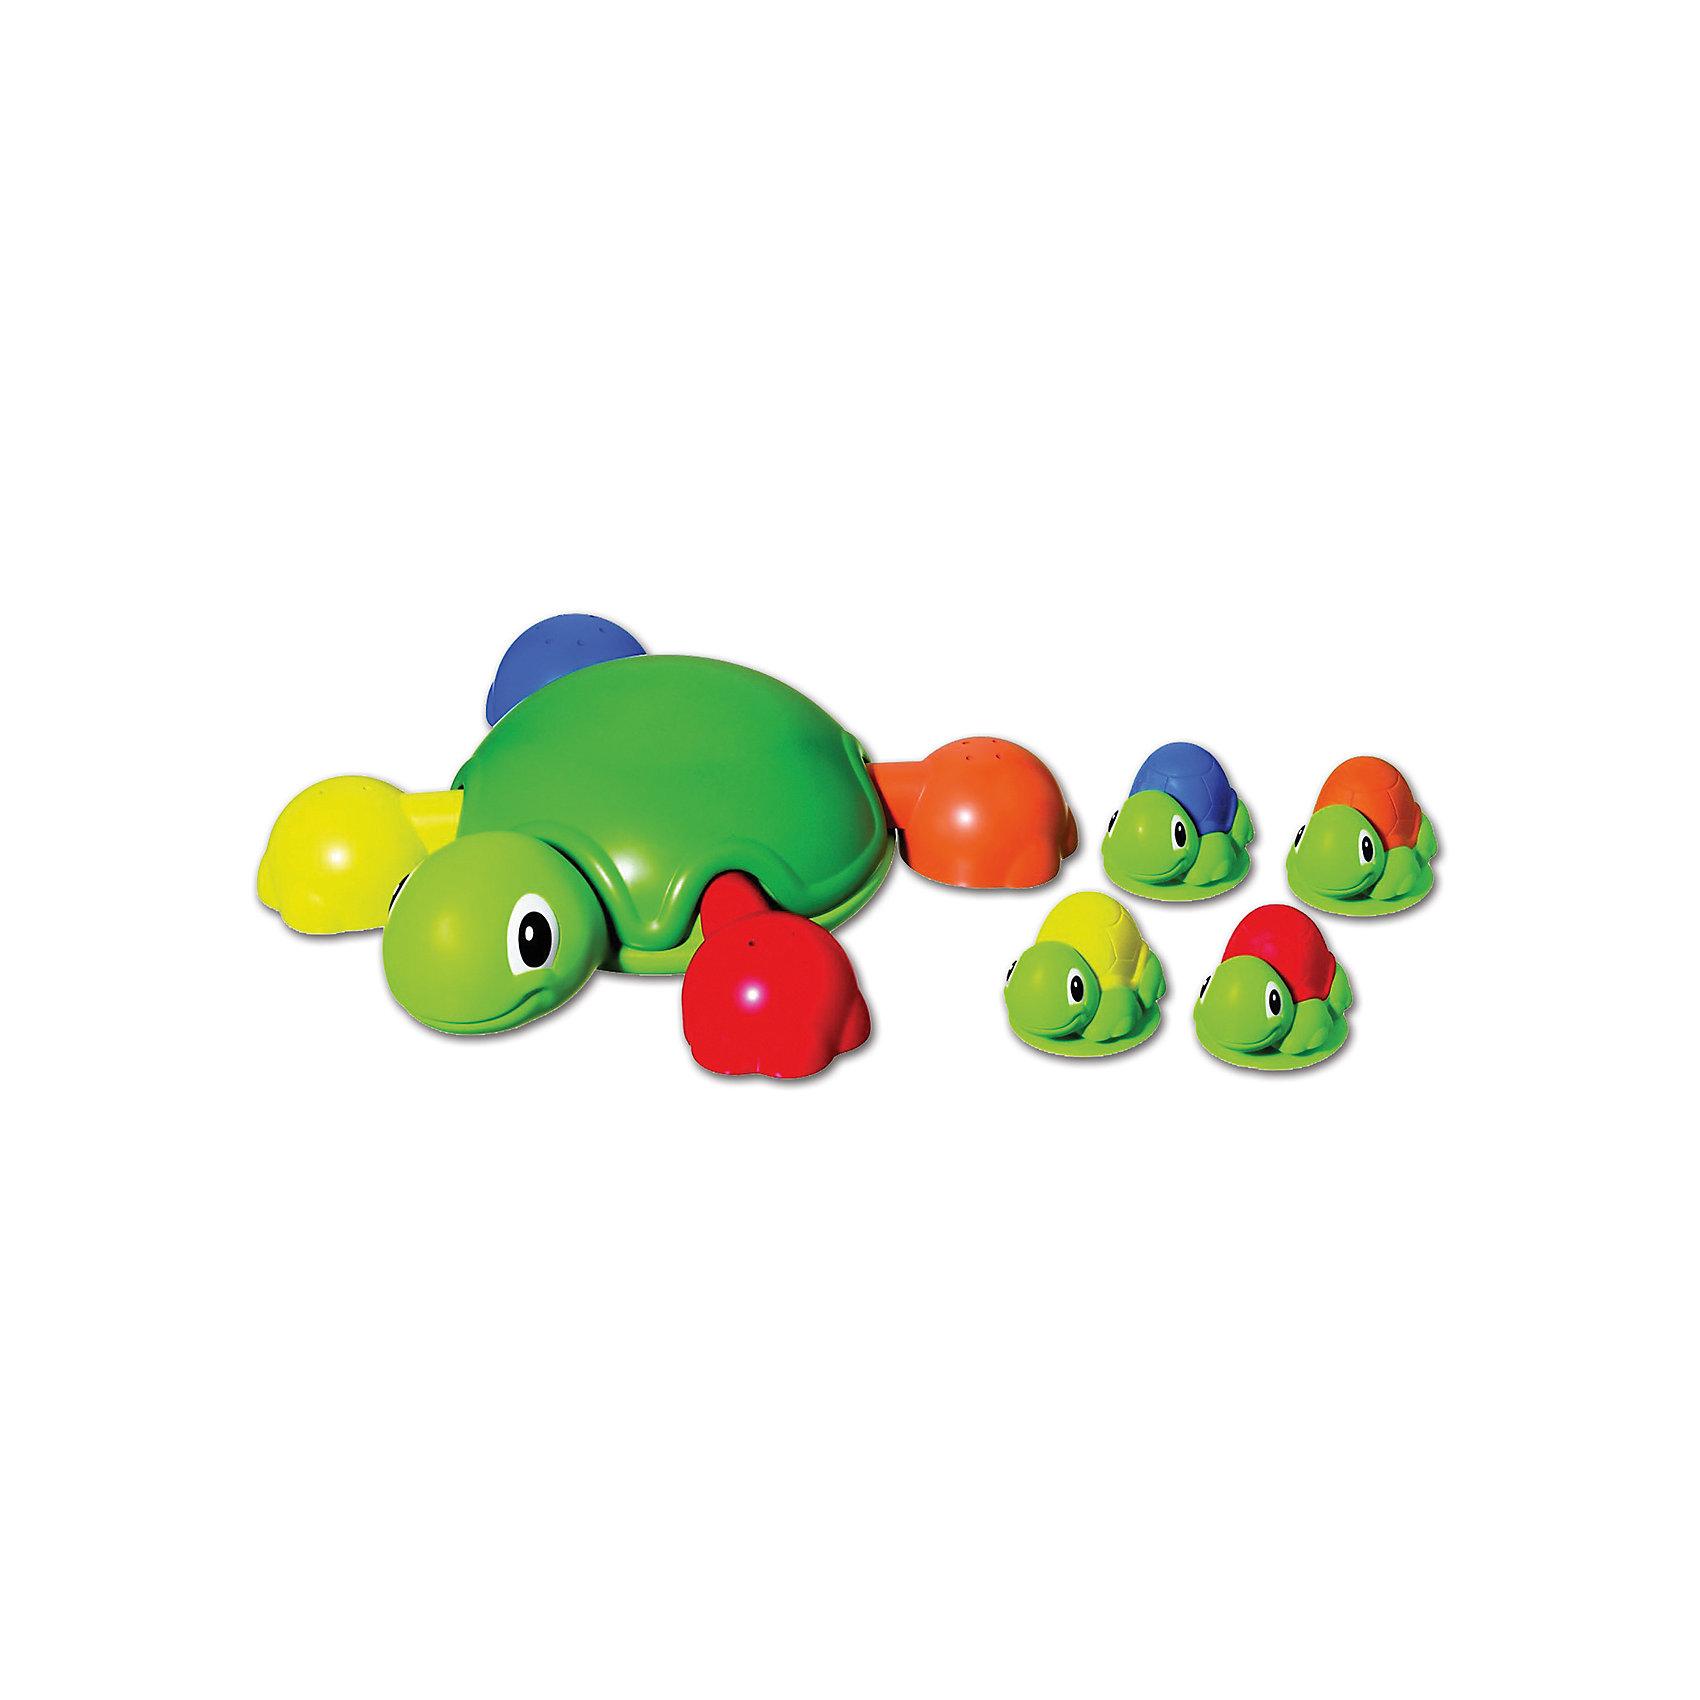 Игра для ванной Весёлые черепашки, брызгалка, TomyИгровые наборы<br>Кто из малышей не любит плескаться в ванне?! Сделать купание веселее помогут игрушки в форме черепашек, этот набор обязательно порадует ребенка. В наборе - большая черепаха со съемными лапками-совочками и четыре маленьких, на присосках, ими можно брызгаться. Такие игрушки помогают детям развивать воображение, мелкую моторику, логику и творческое мышление.<br>Игрушки абсолютно безопасны для ребенка, сделаны из качественных материалов, легко моются. В них можно набирать воду и брызгаться струёй воды <br><br>Дополнительная информация:<br><br>цвет: разноцветный;<br>размер коробки: 28 х 30 х 8 см;<br>вес: 740 г;<br>материал: пластик.<br><br>Игру для ванной Весёлые черепашки, брызгалка, Tomy  можно купить в нашем магазине.<br><br>Ширина мм: 300<br>Глубина мм: 90<br>Высота мм: 280<br>Вес г: 740<br>Возраст от месяцев: 12<br>Возраст до месяцев: 2147483647<br>Пол: Унисекс<br>Возраст: Детский<br>SKU: 4918485